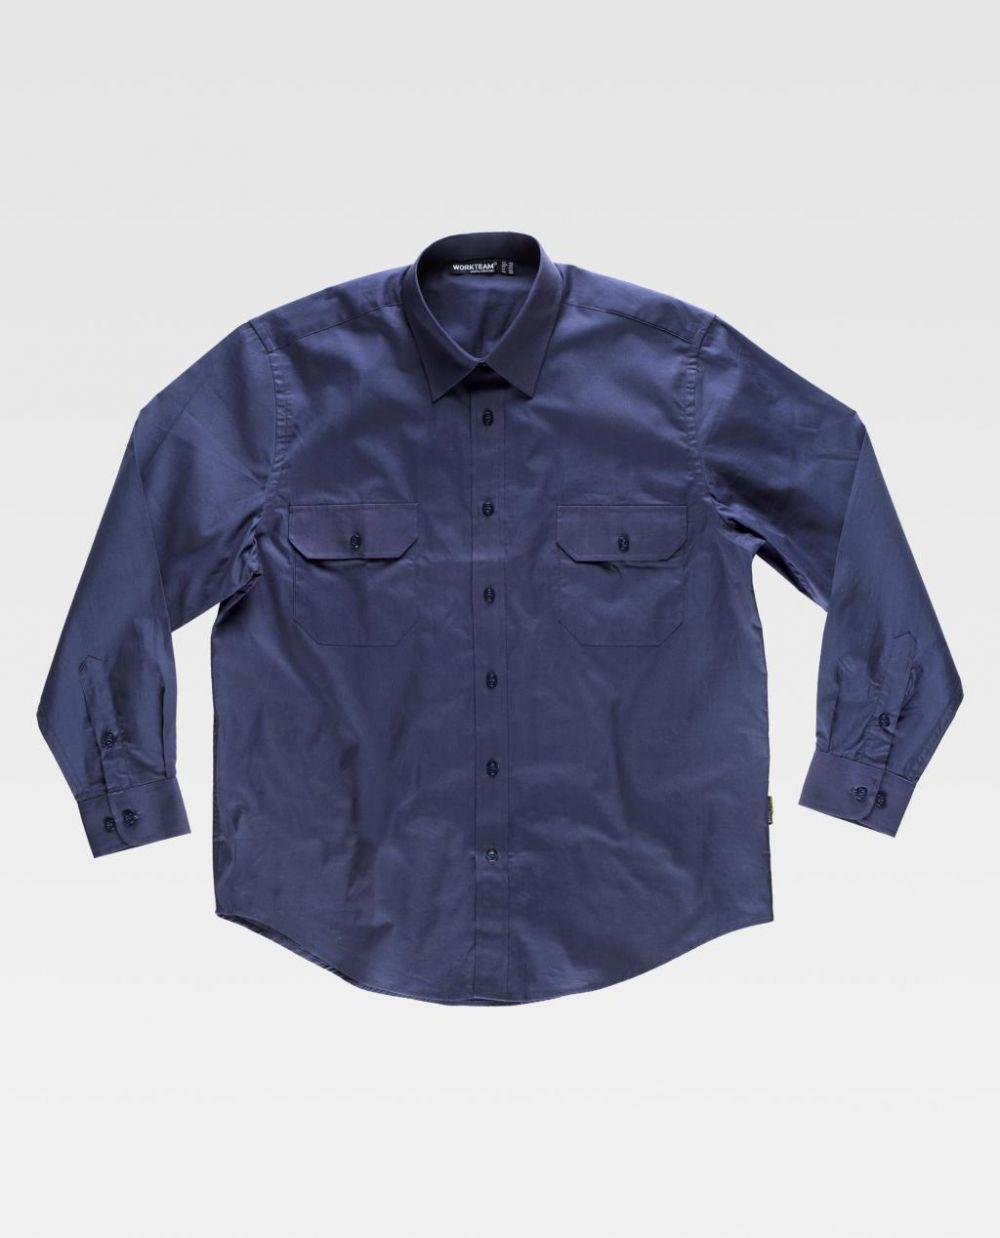 Camisas de trabajo workteam algodon cuello clasico de 100% algodón vista 1